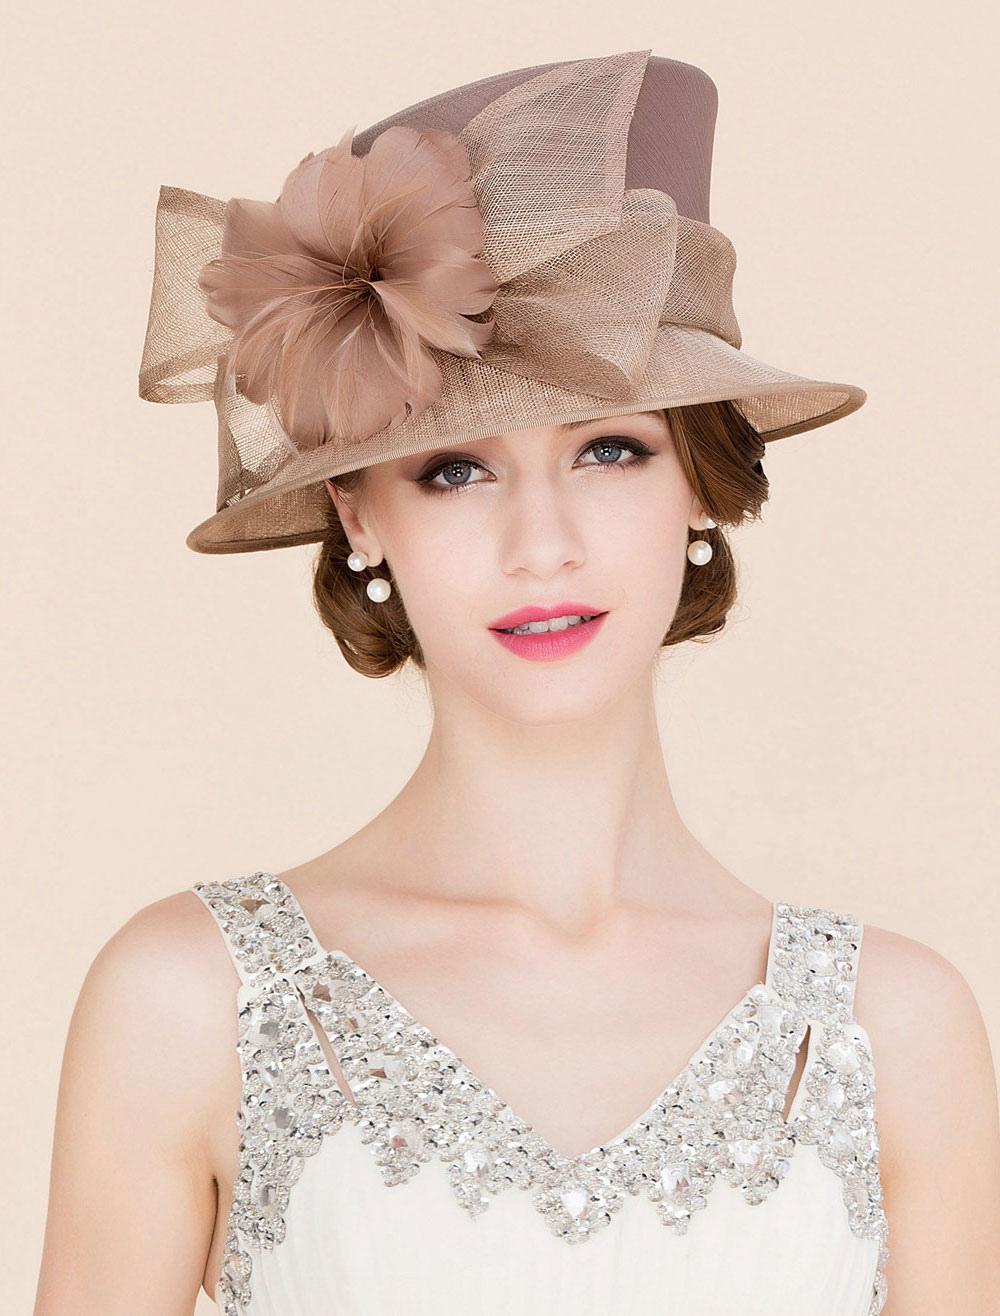 Royal Vintage Hat Marrón Mujeres Flores Tocados Retro Top Hat